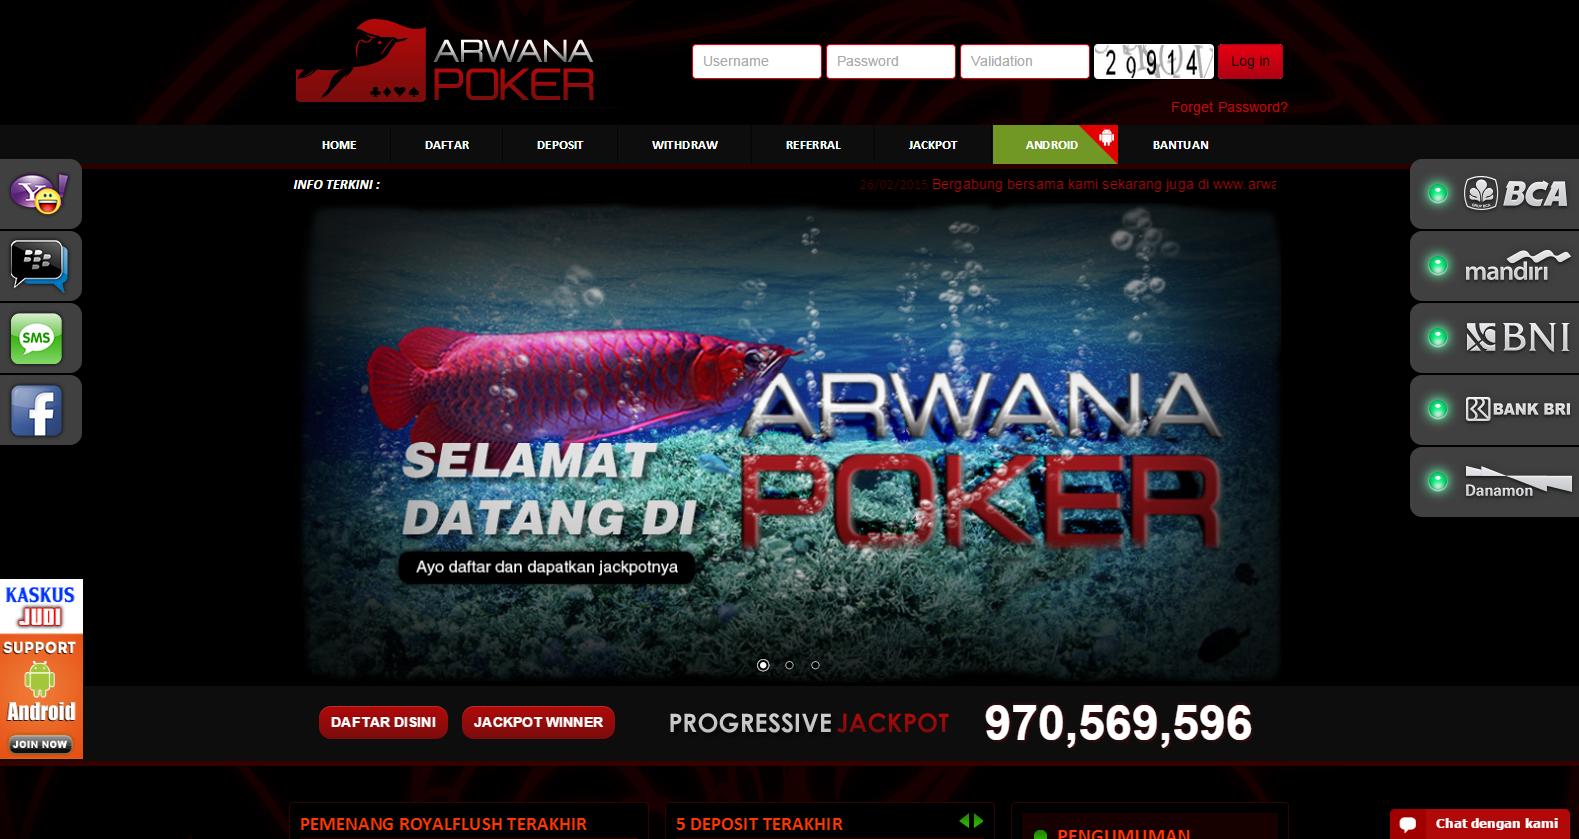 arwanapoker.com